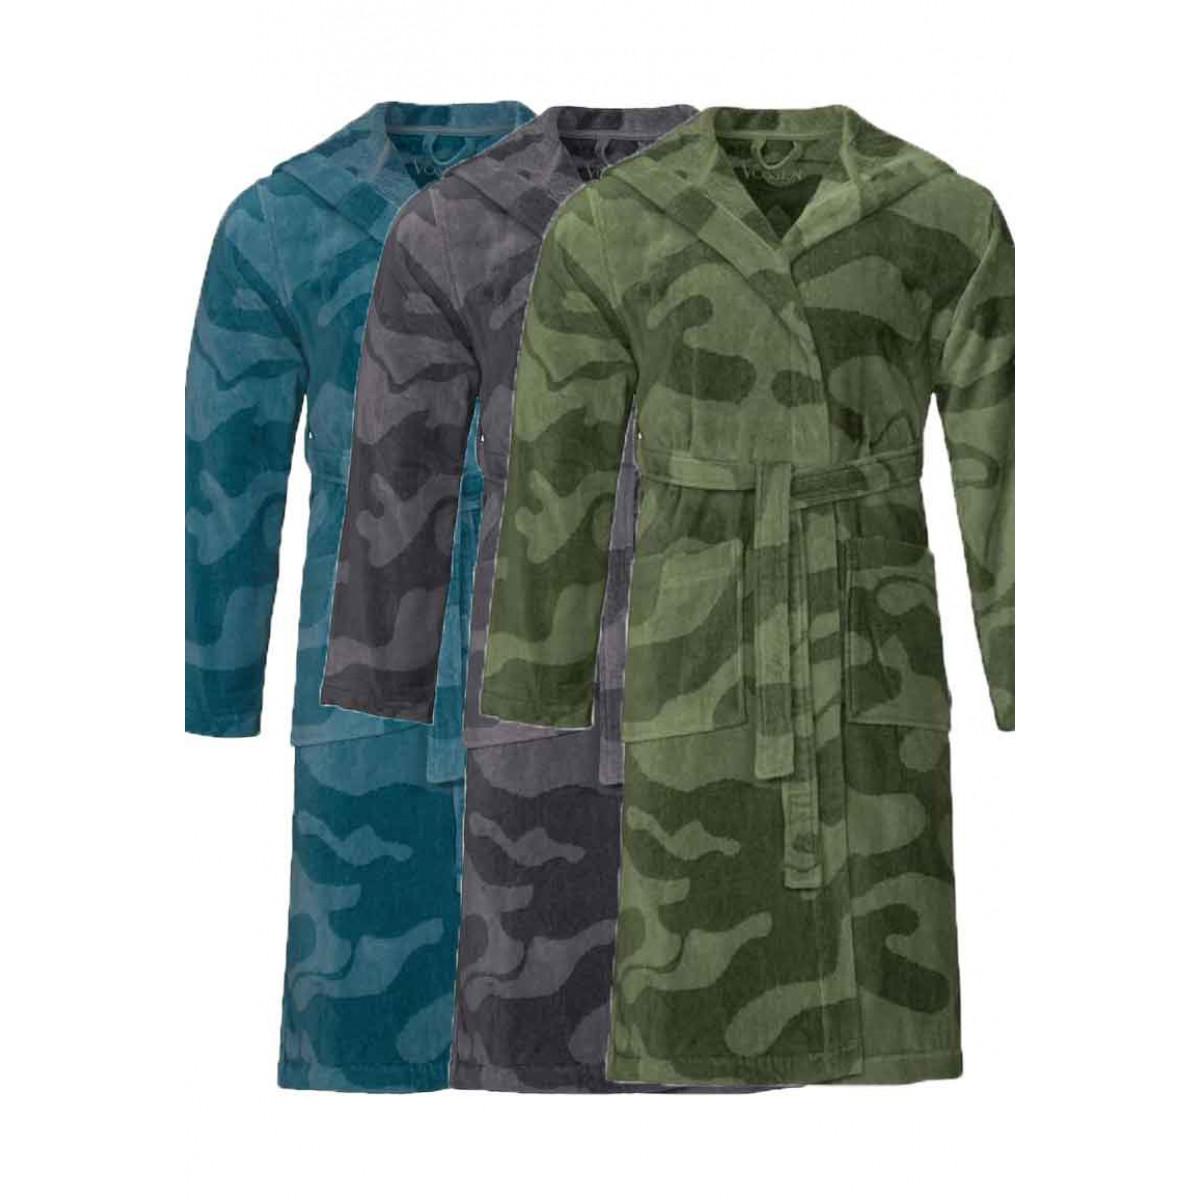 Kamerjas met legerprint - 3 kleuren